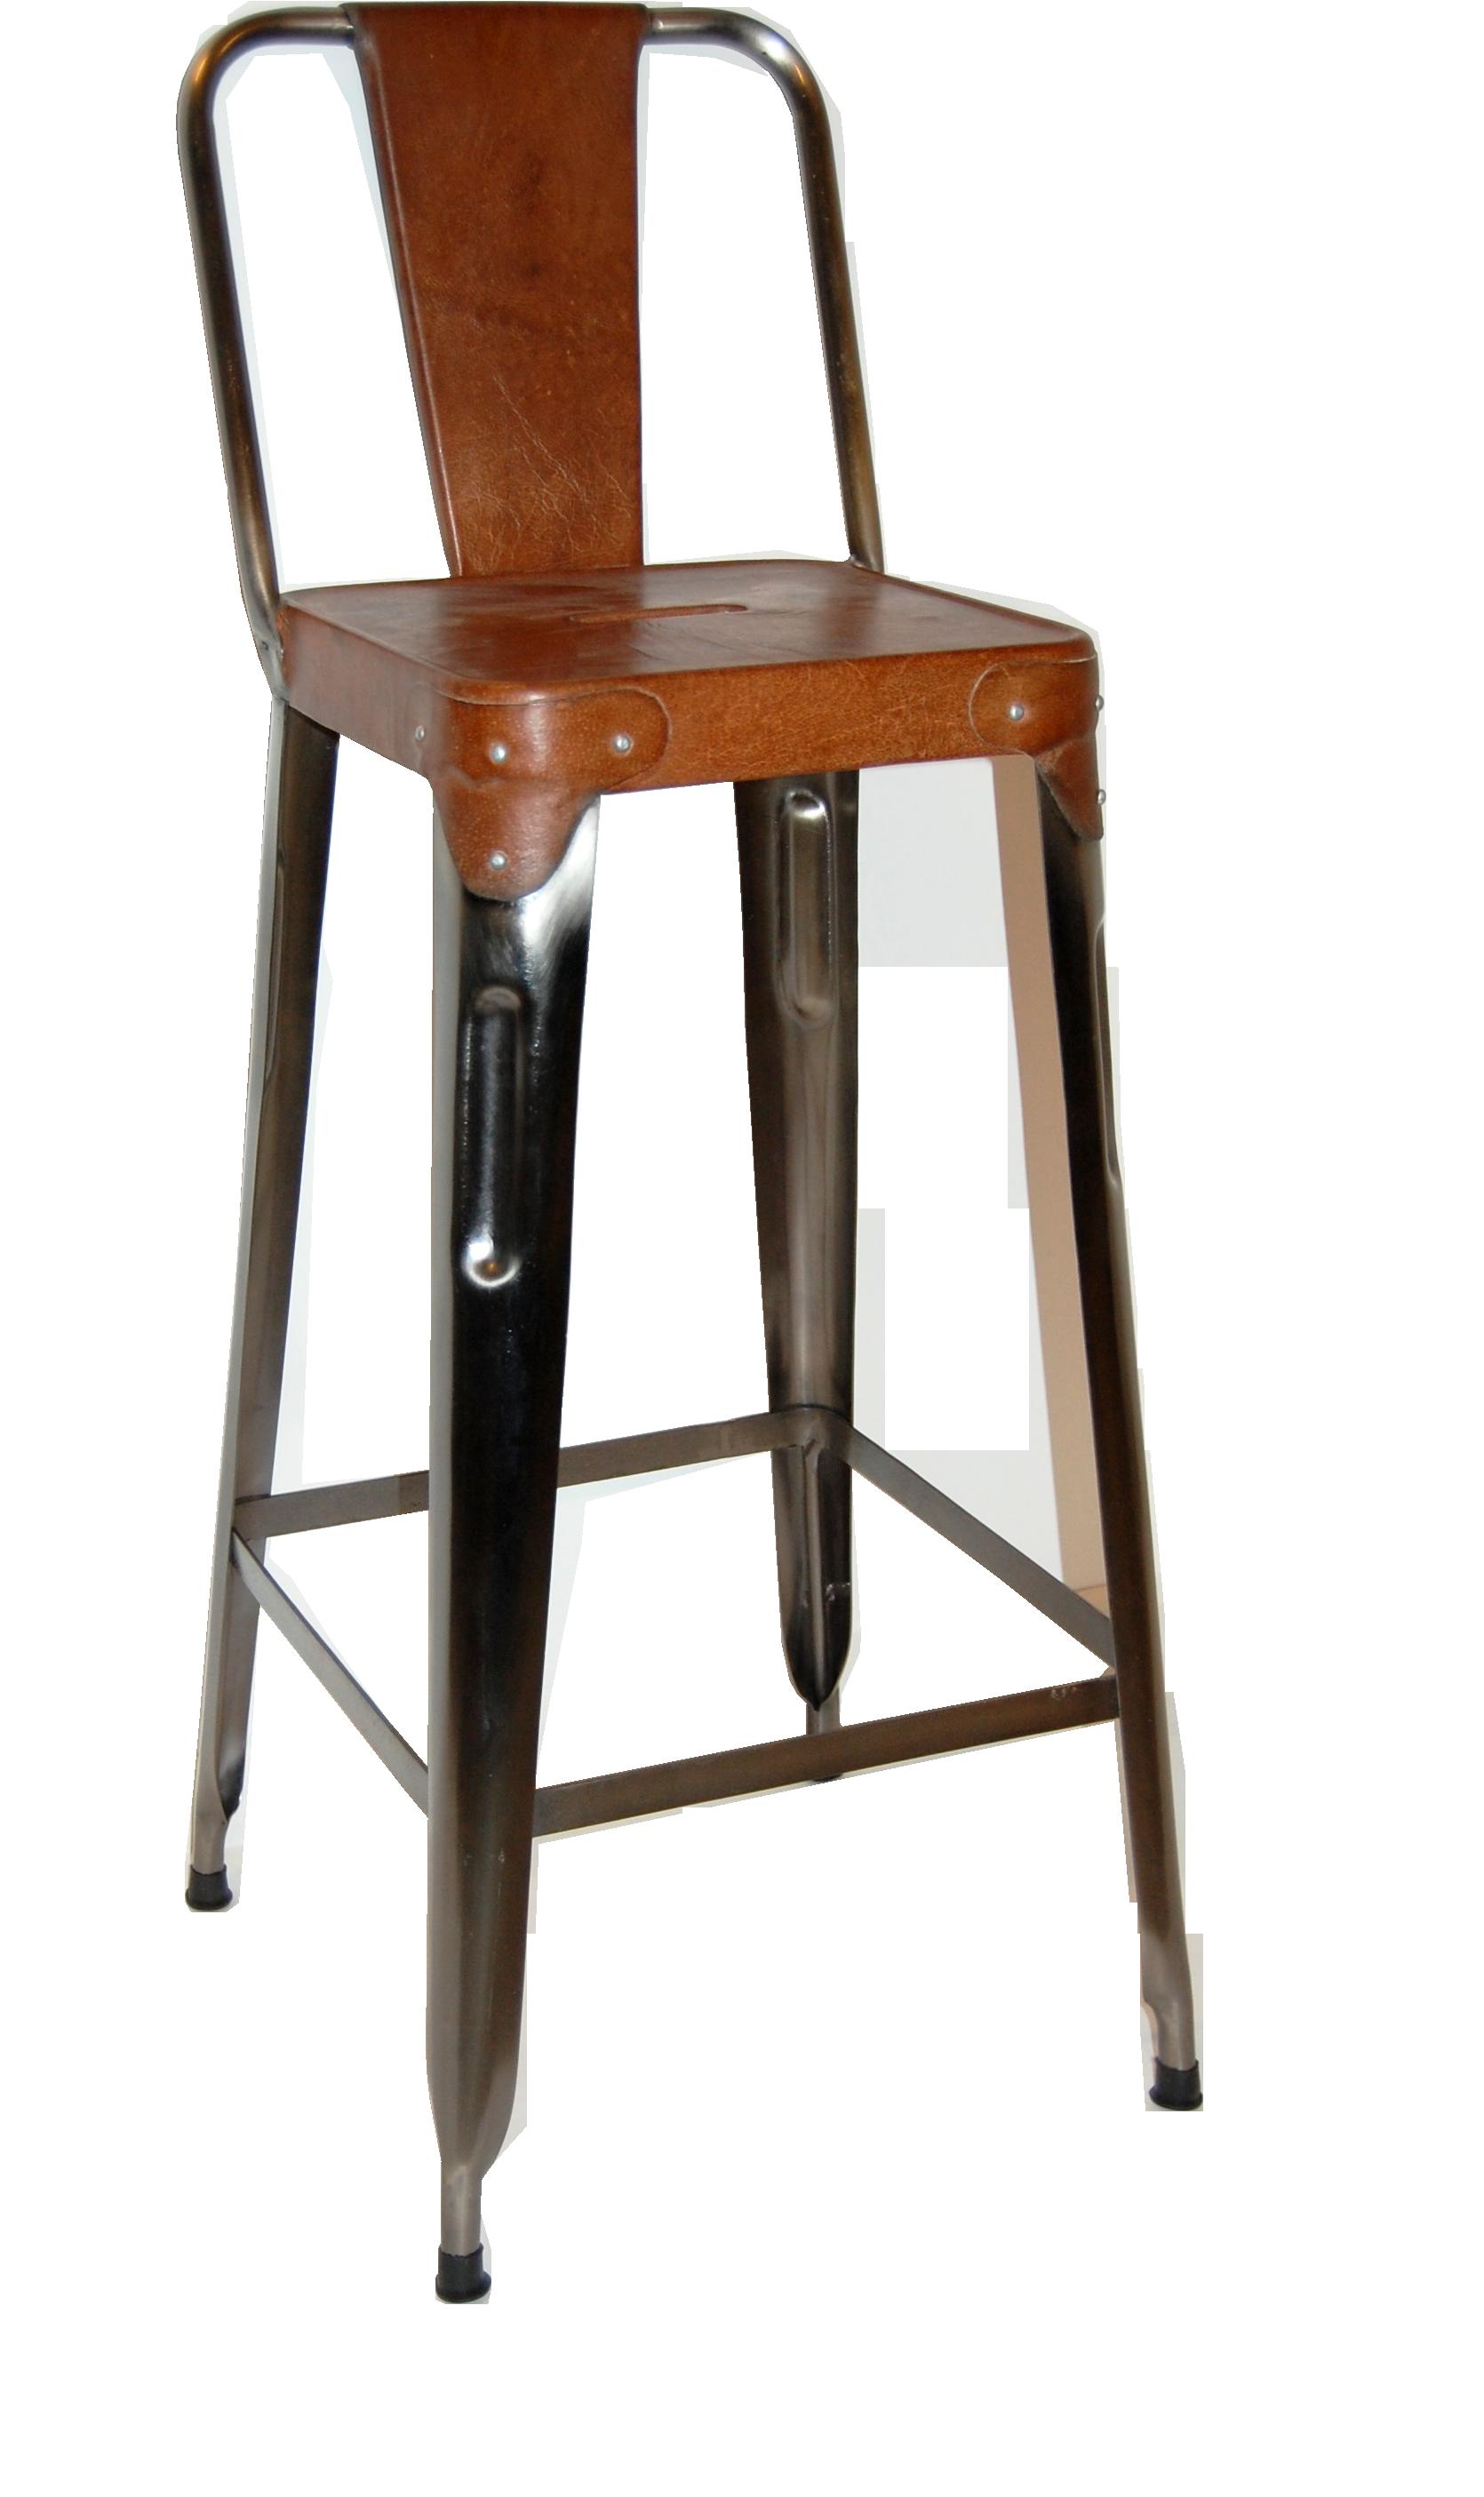 Trademark living barhocker aus eisen mit ledersitz for Barhocker mit ledersitz